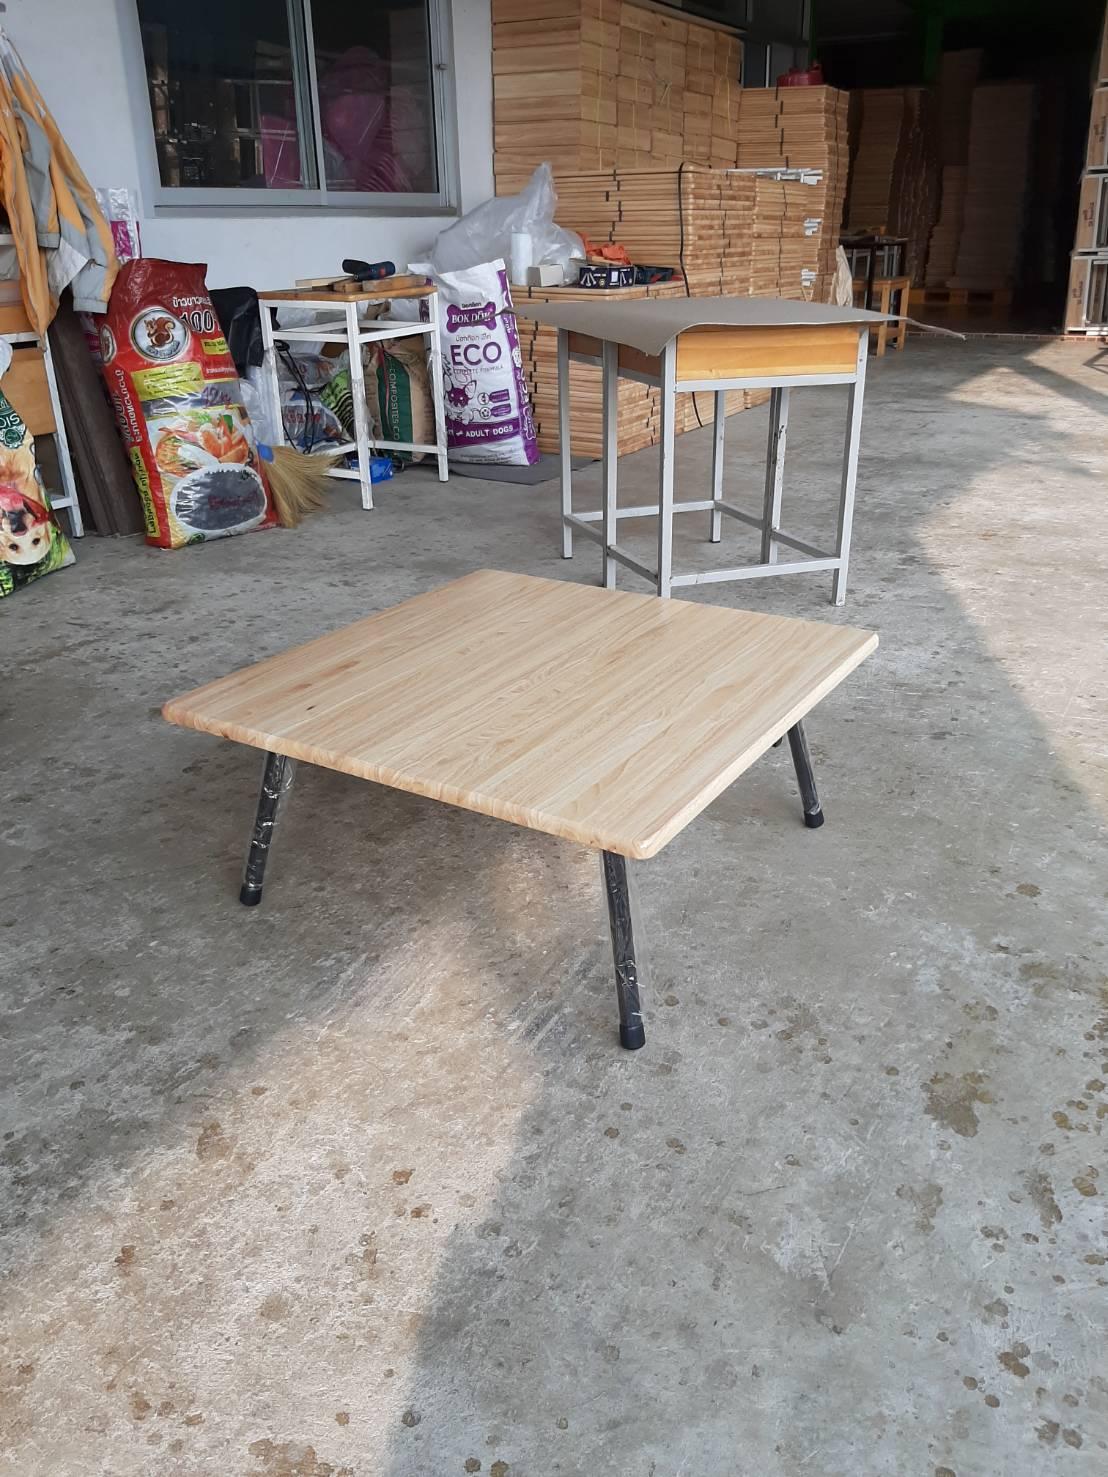 โต๊ะญี่ปุ่น หน้าไม้ยางพารา